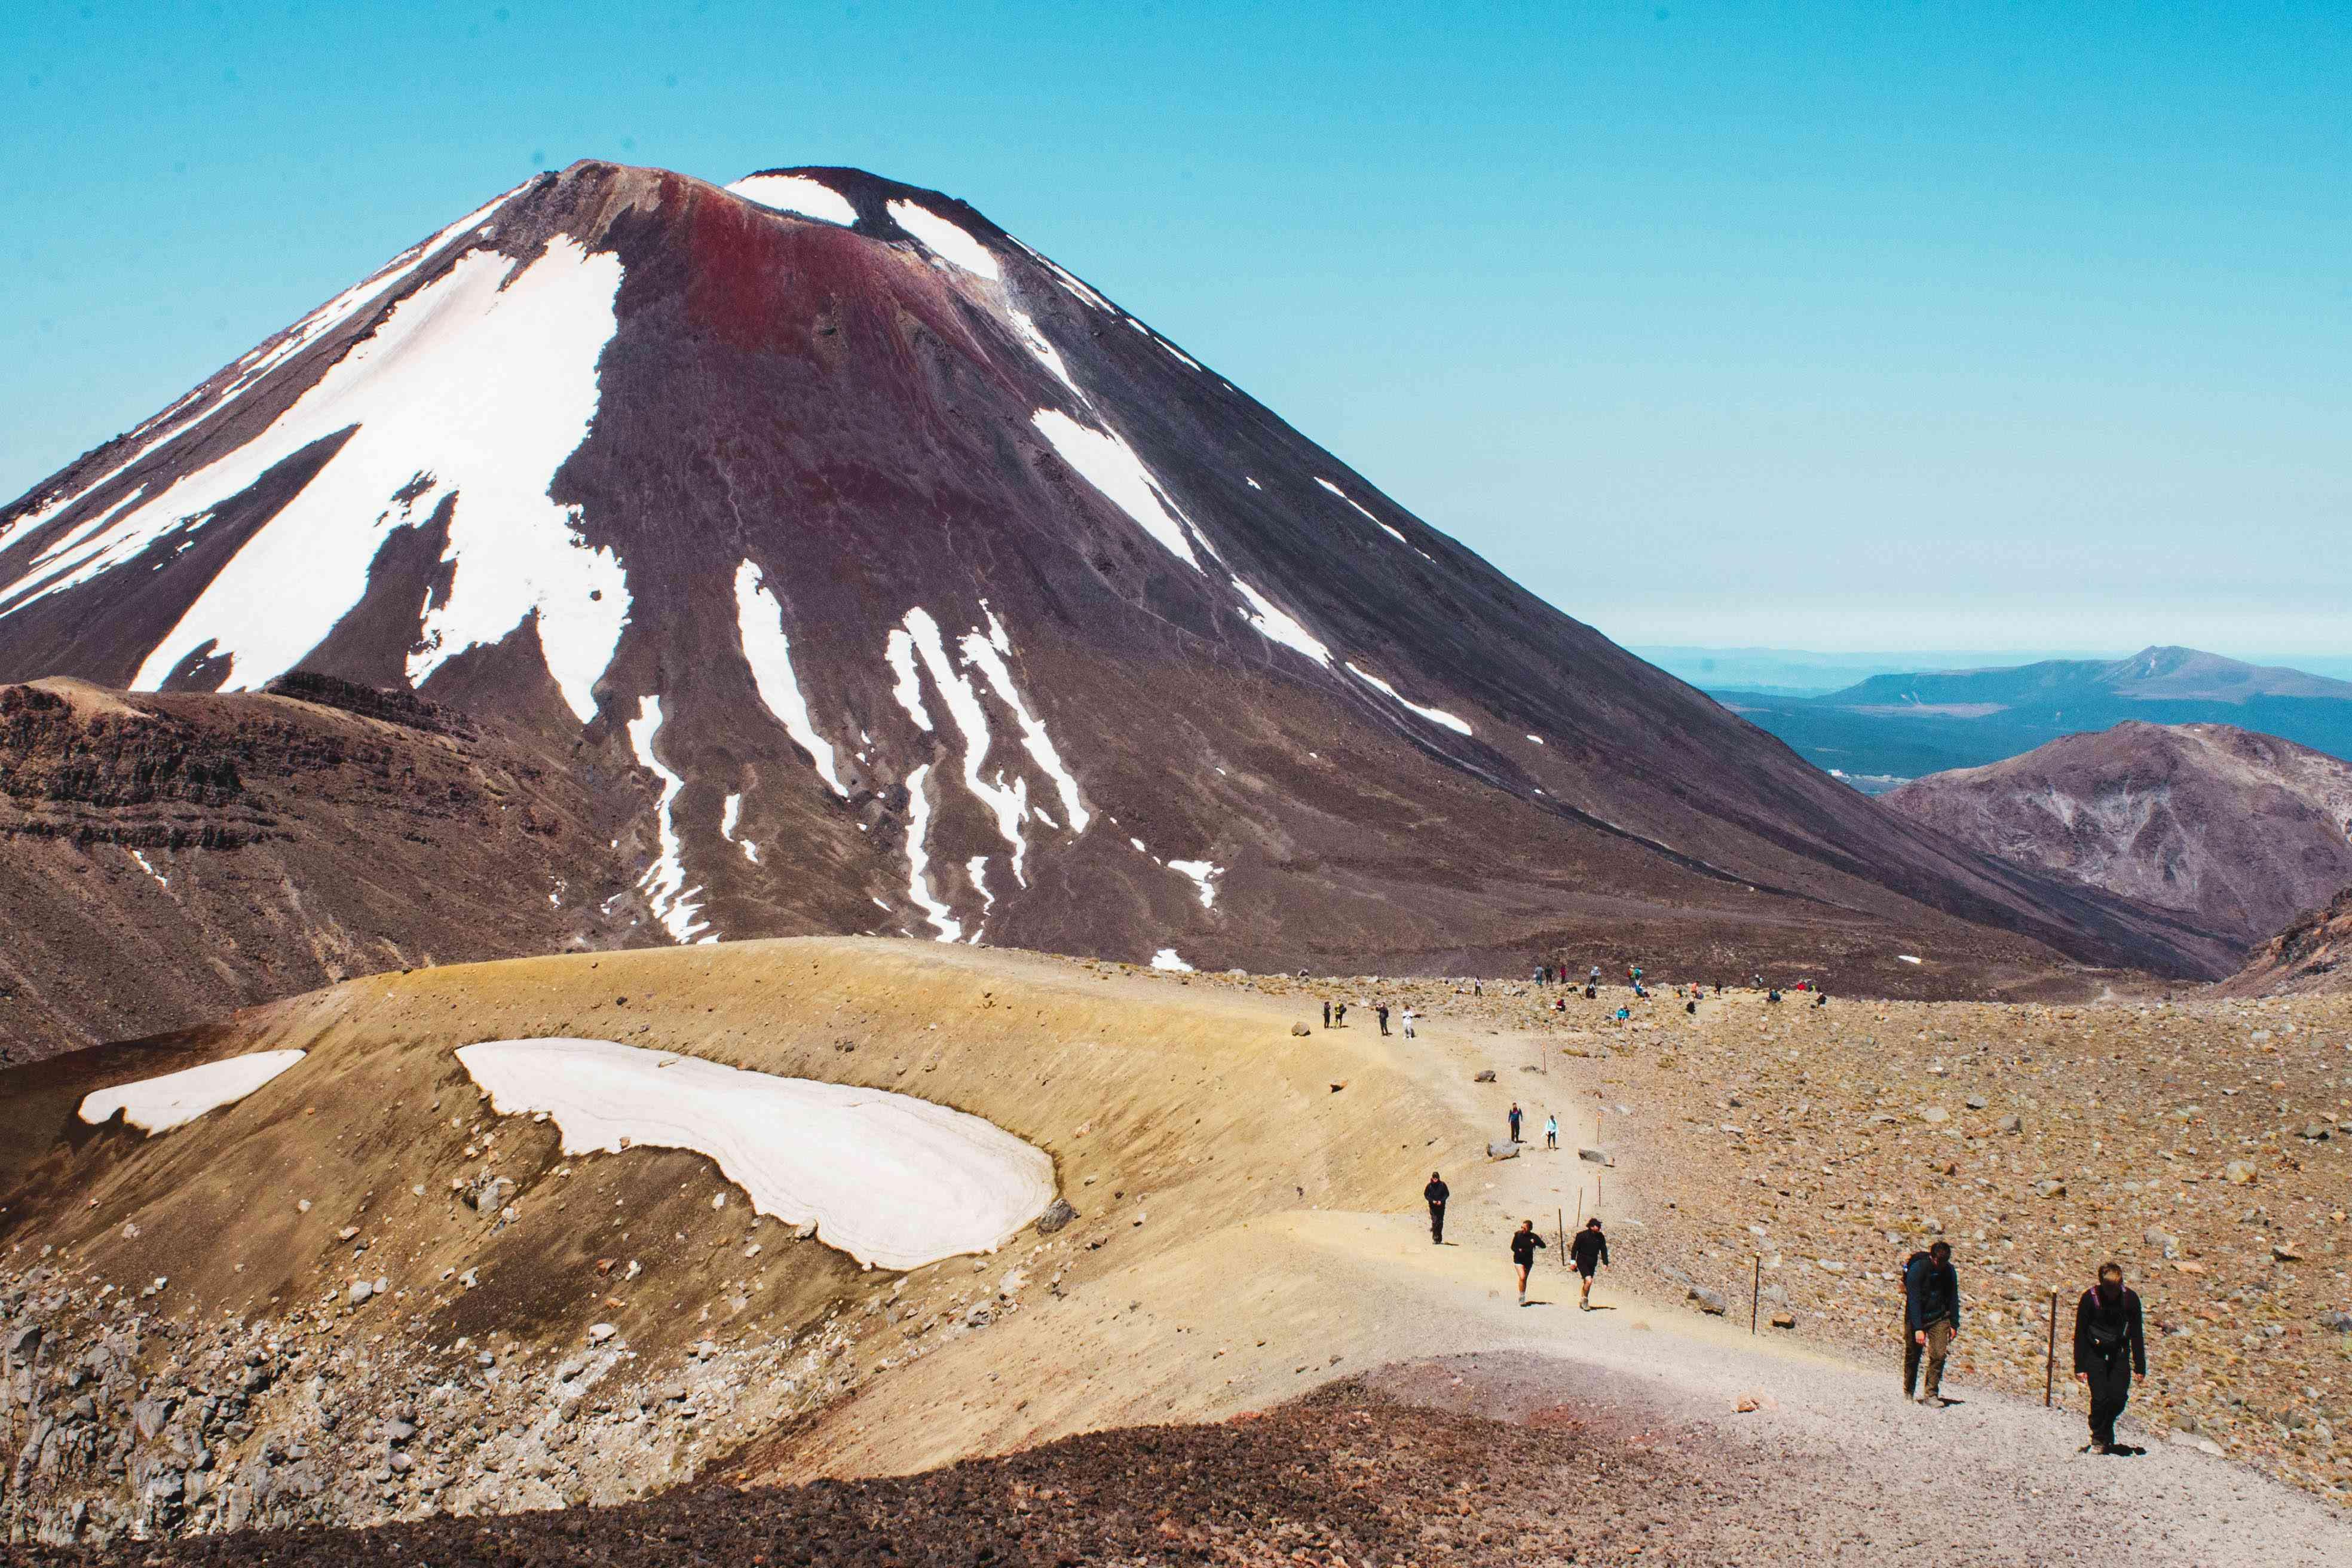 Gente caminando por el sendero en Tongariro